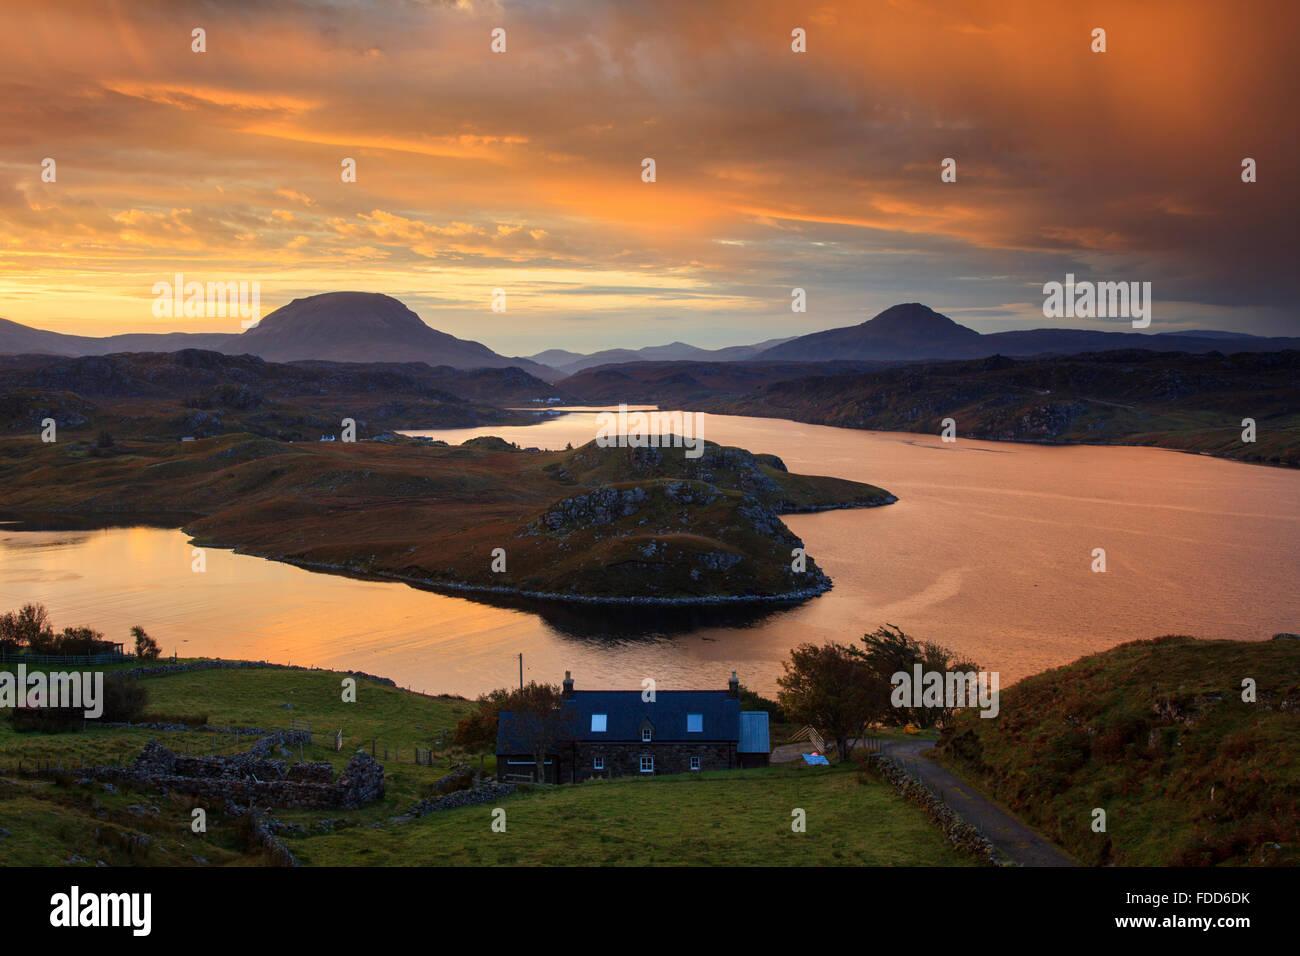 Loch Inchard vicino Kinlochbervie nel Nord Ovest Highlands della Scozia catturata a sunrise. Foto Stock